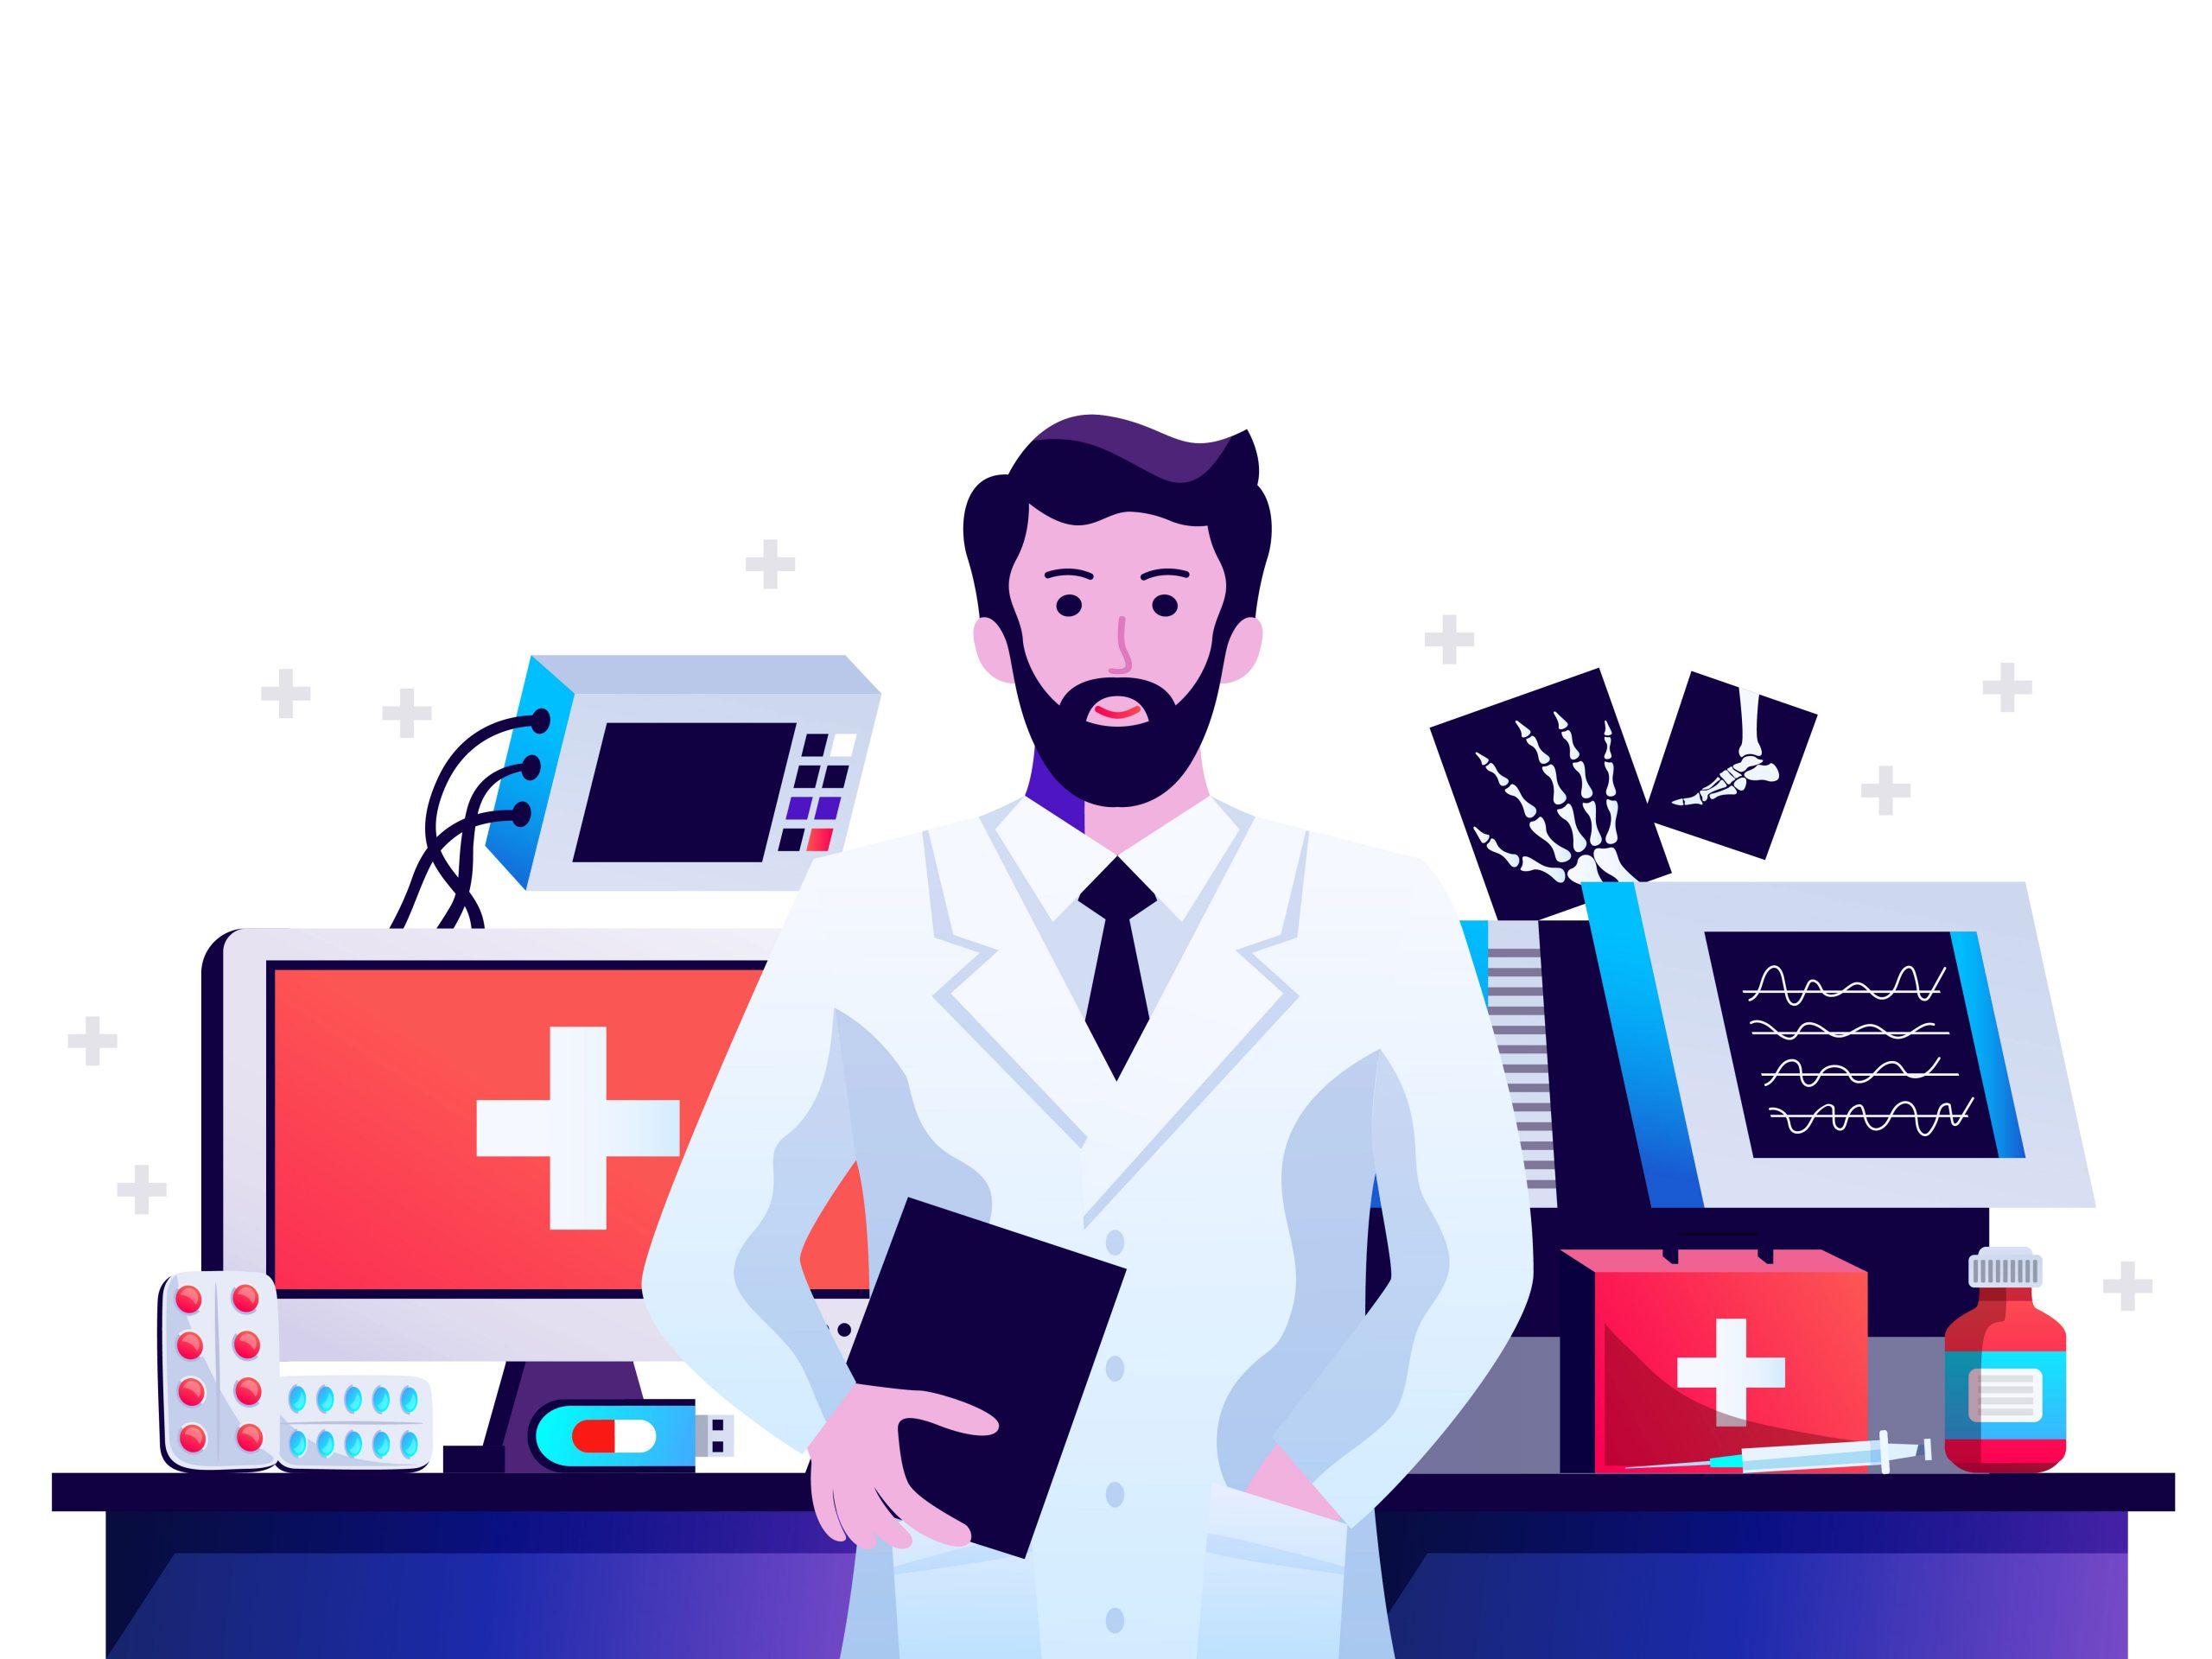 روش های تصویربرداری پزشکی